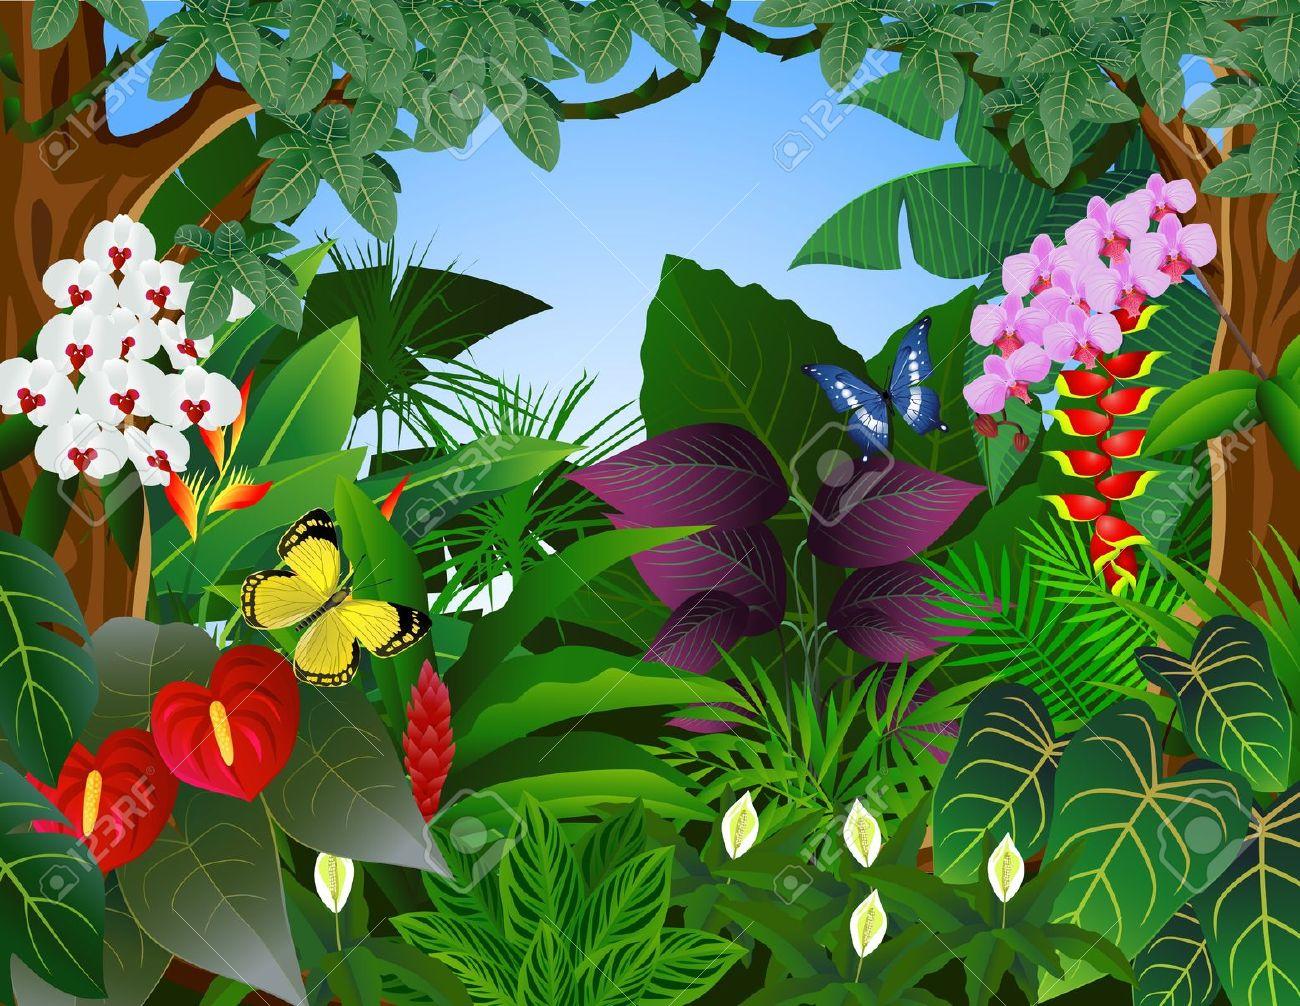 Rainforest Leaves Clipart Webnode-Rainforest leaves clipart webnode-15